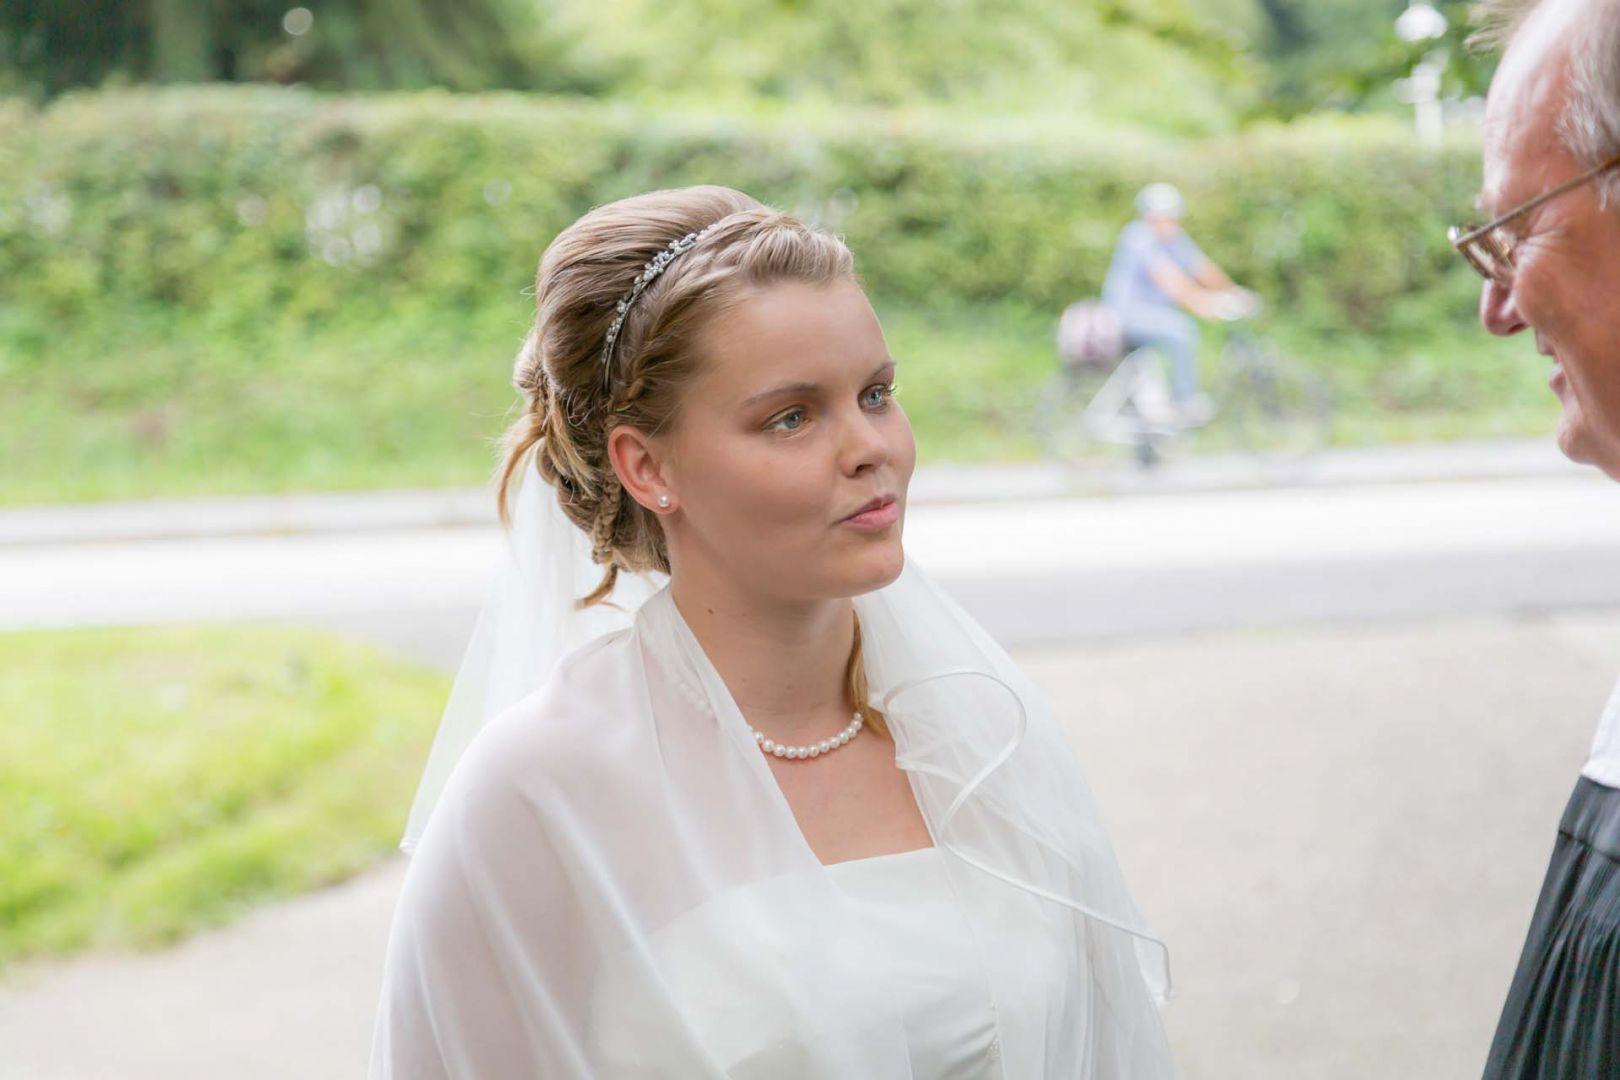 Die Braut - Hochzeit in Spohienhof bei Preetz von Kerstin und Sebastian aus Hamburg